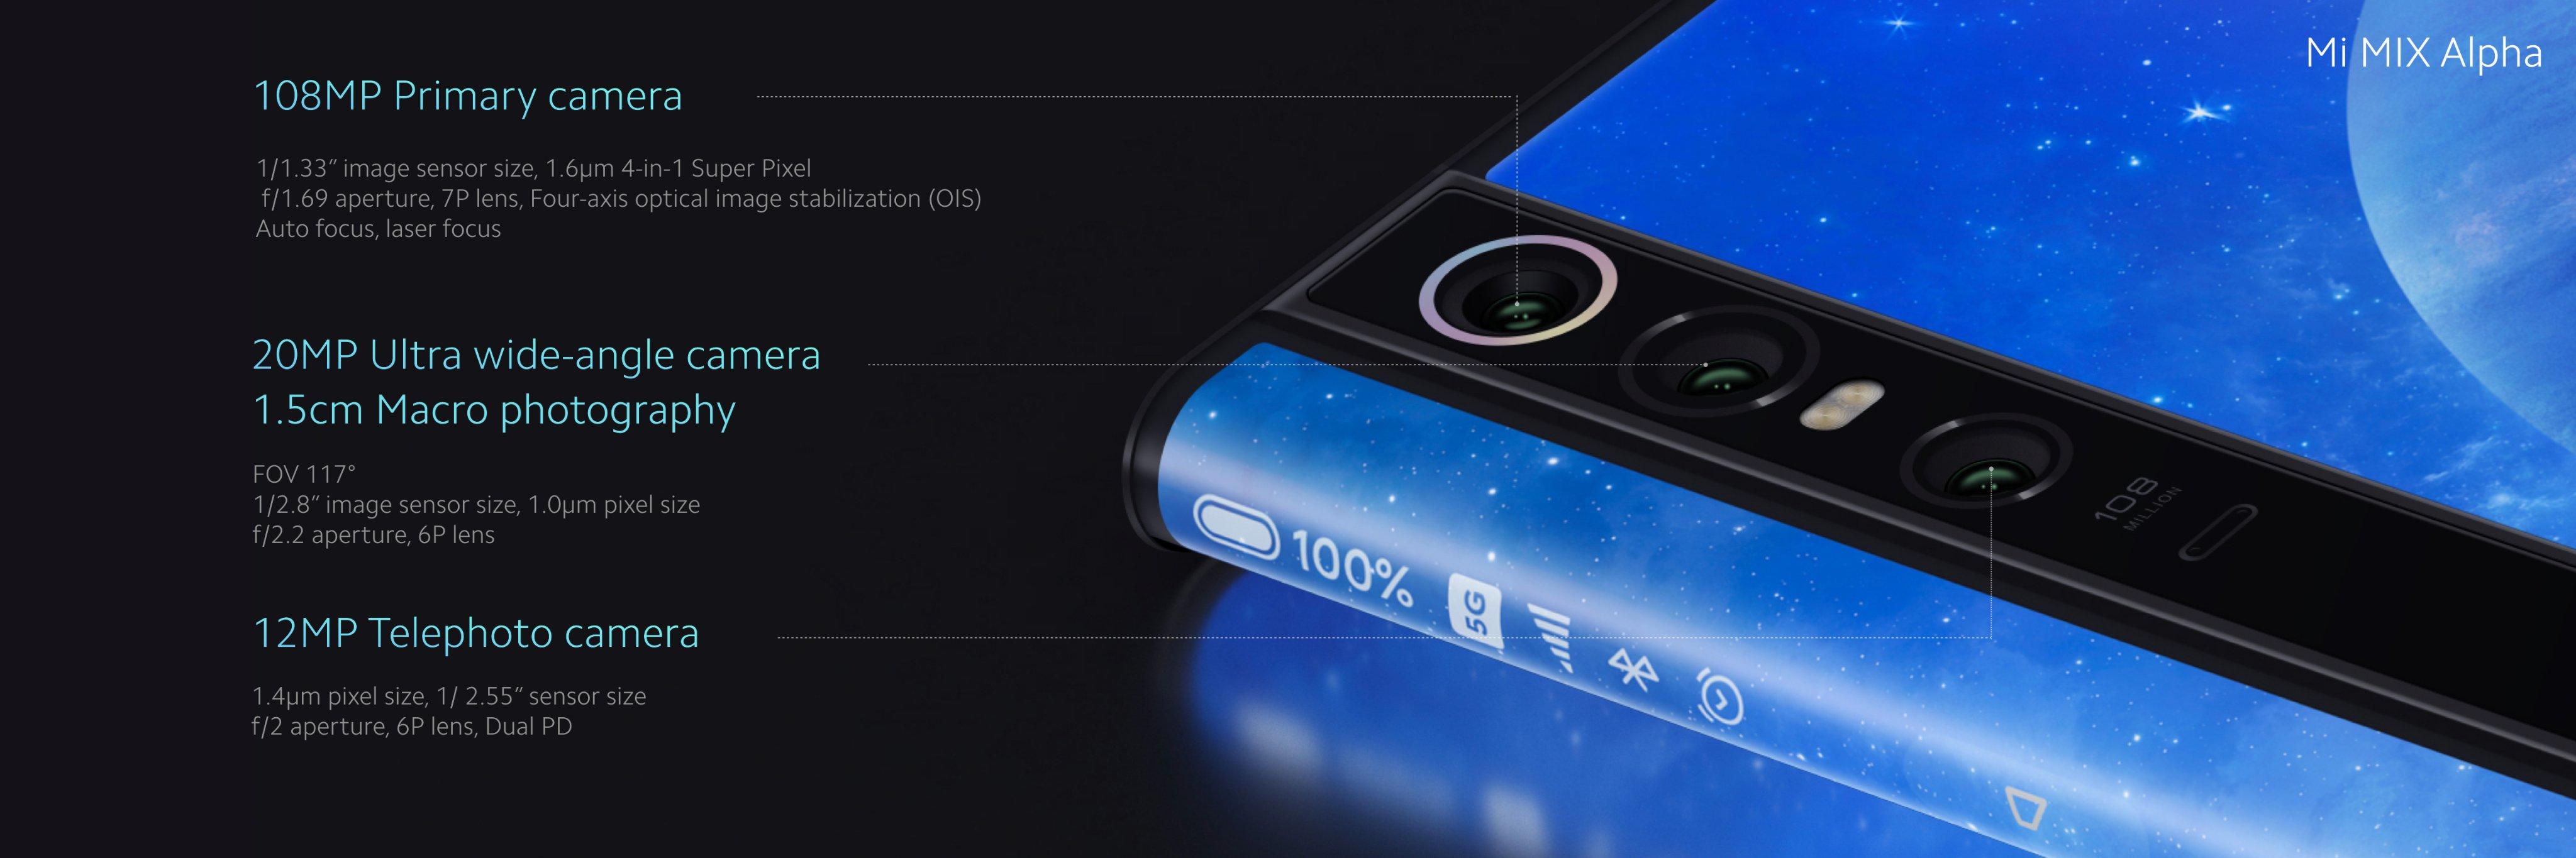 Xiaomi Mi Mix Alpha cena premiera Mi Mix 4 specyfikacja techniczna koncepcyjny smartfon opinie gdzie kupić najtaniej w Polsce aparat 108 MP